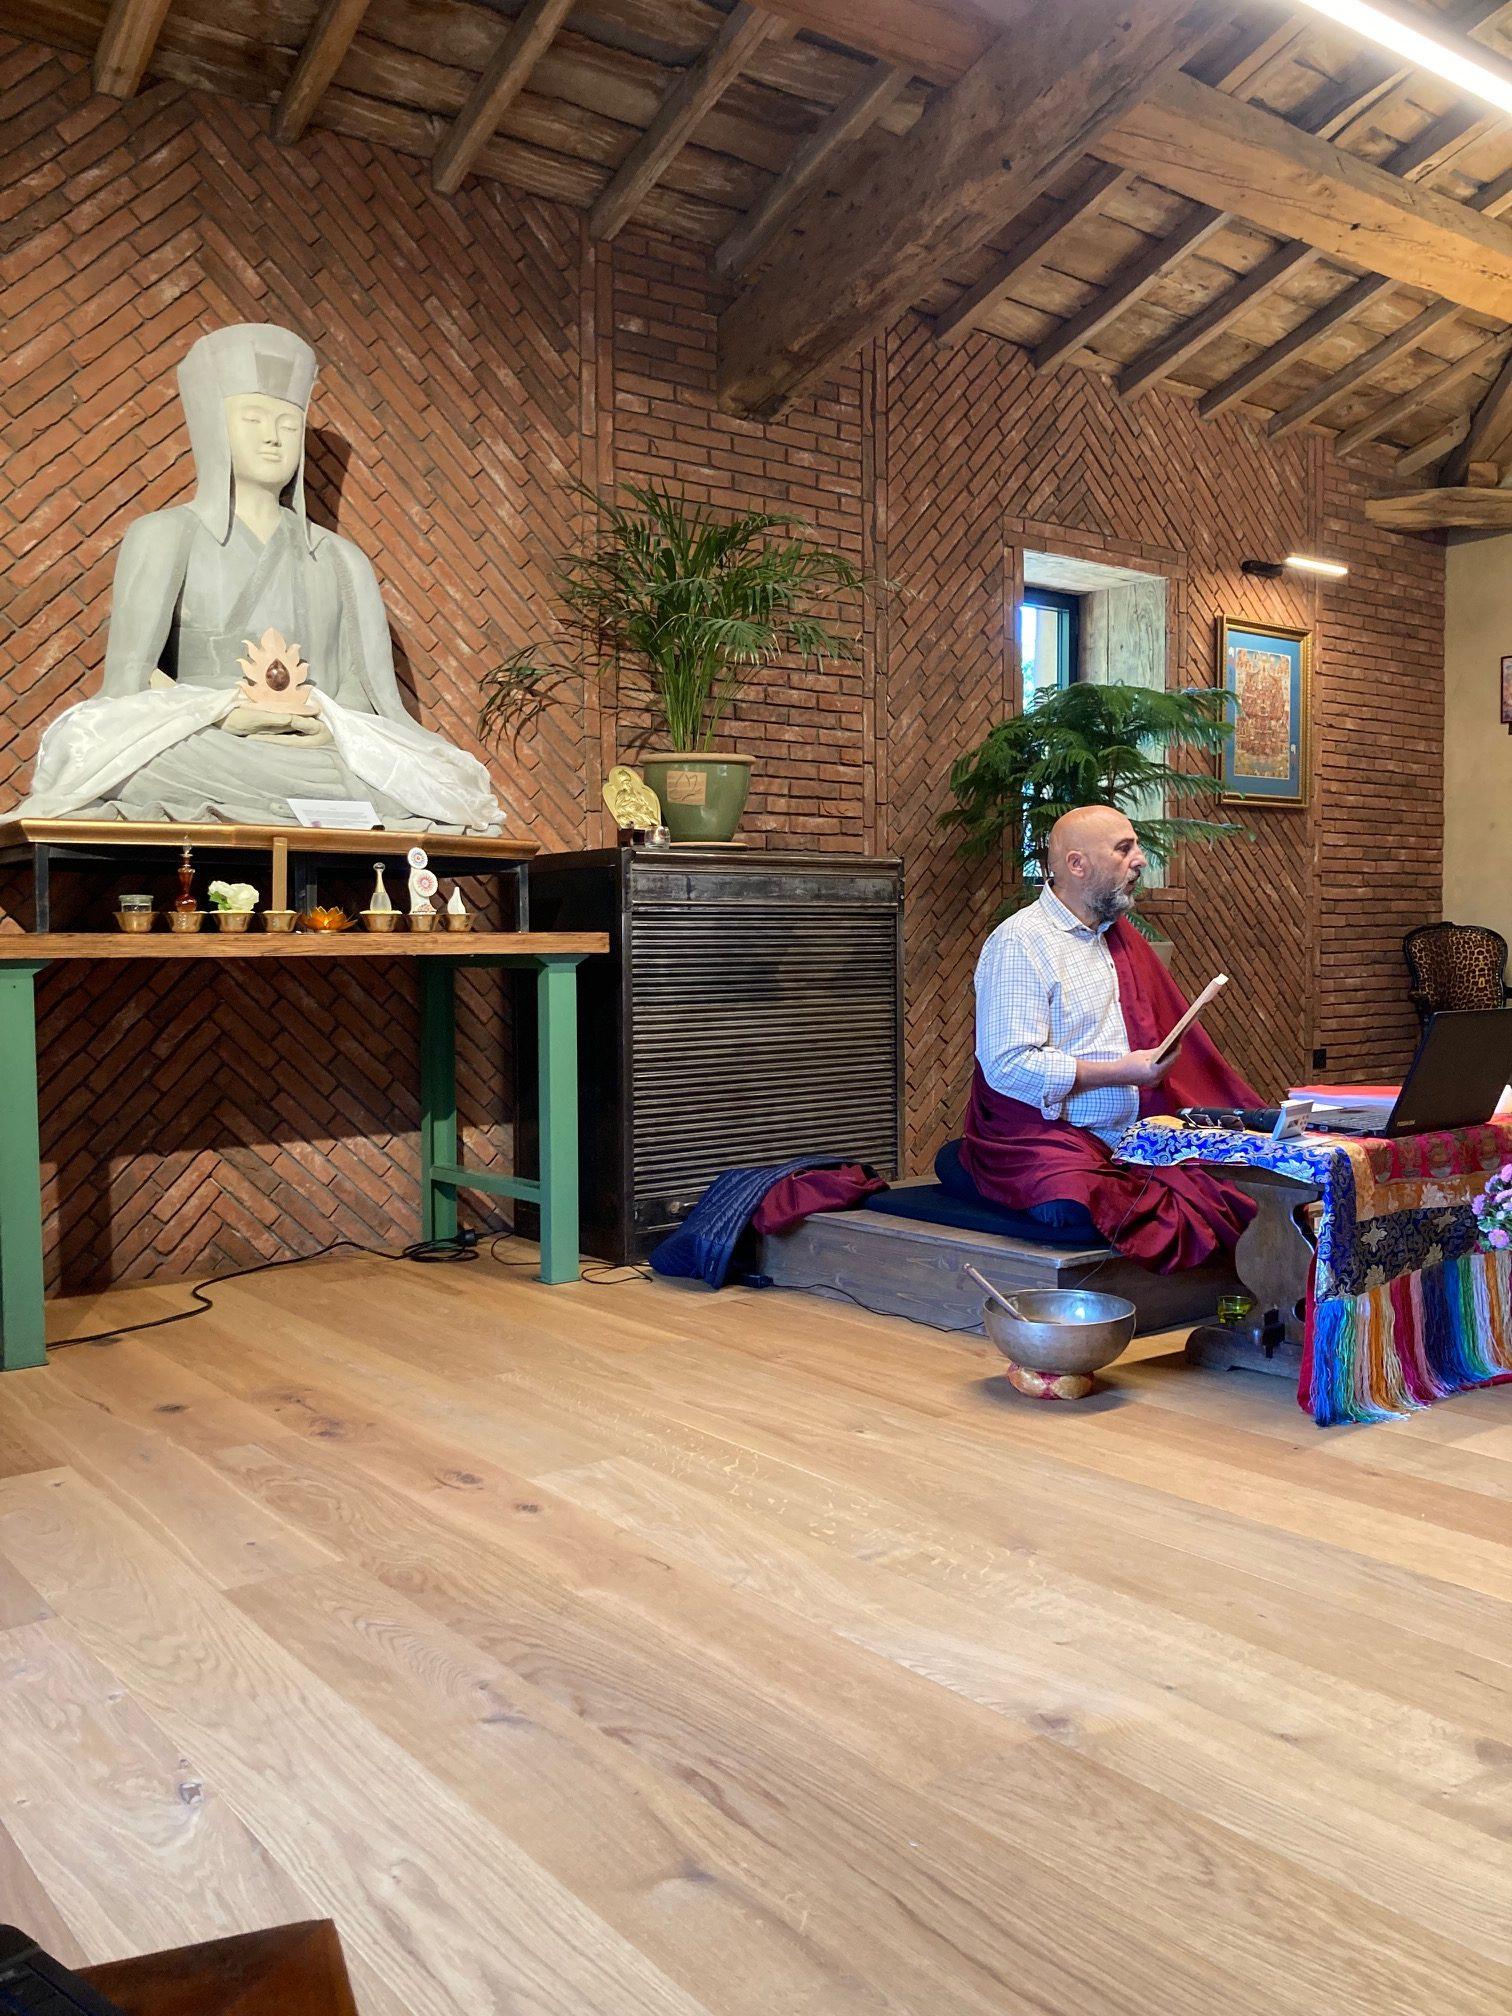 Enseignement 2-3 octobre 2021 : Un chemin de Sagesse avec Lama Guetso